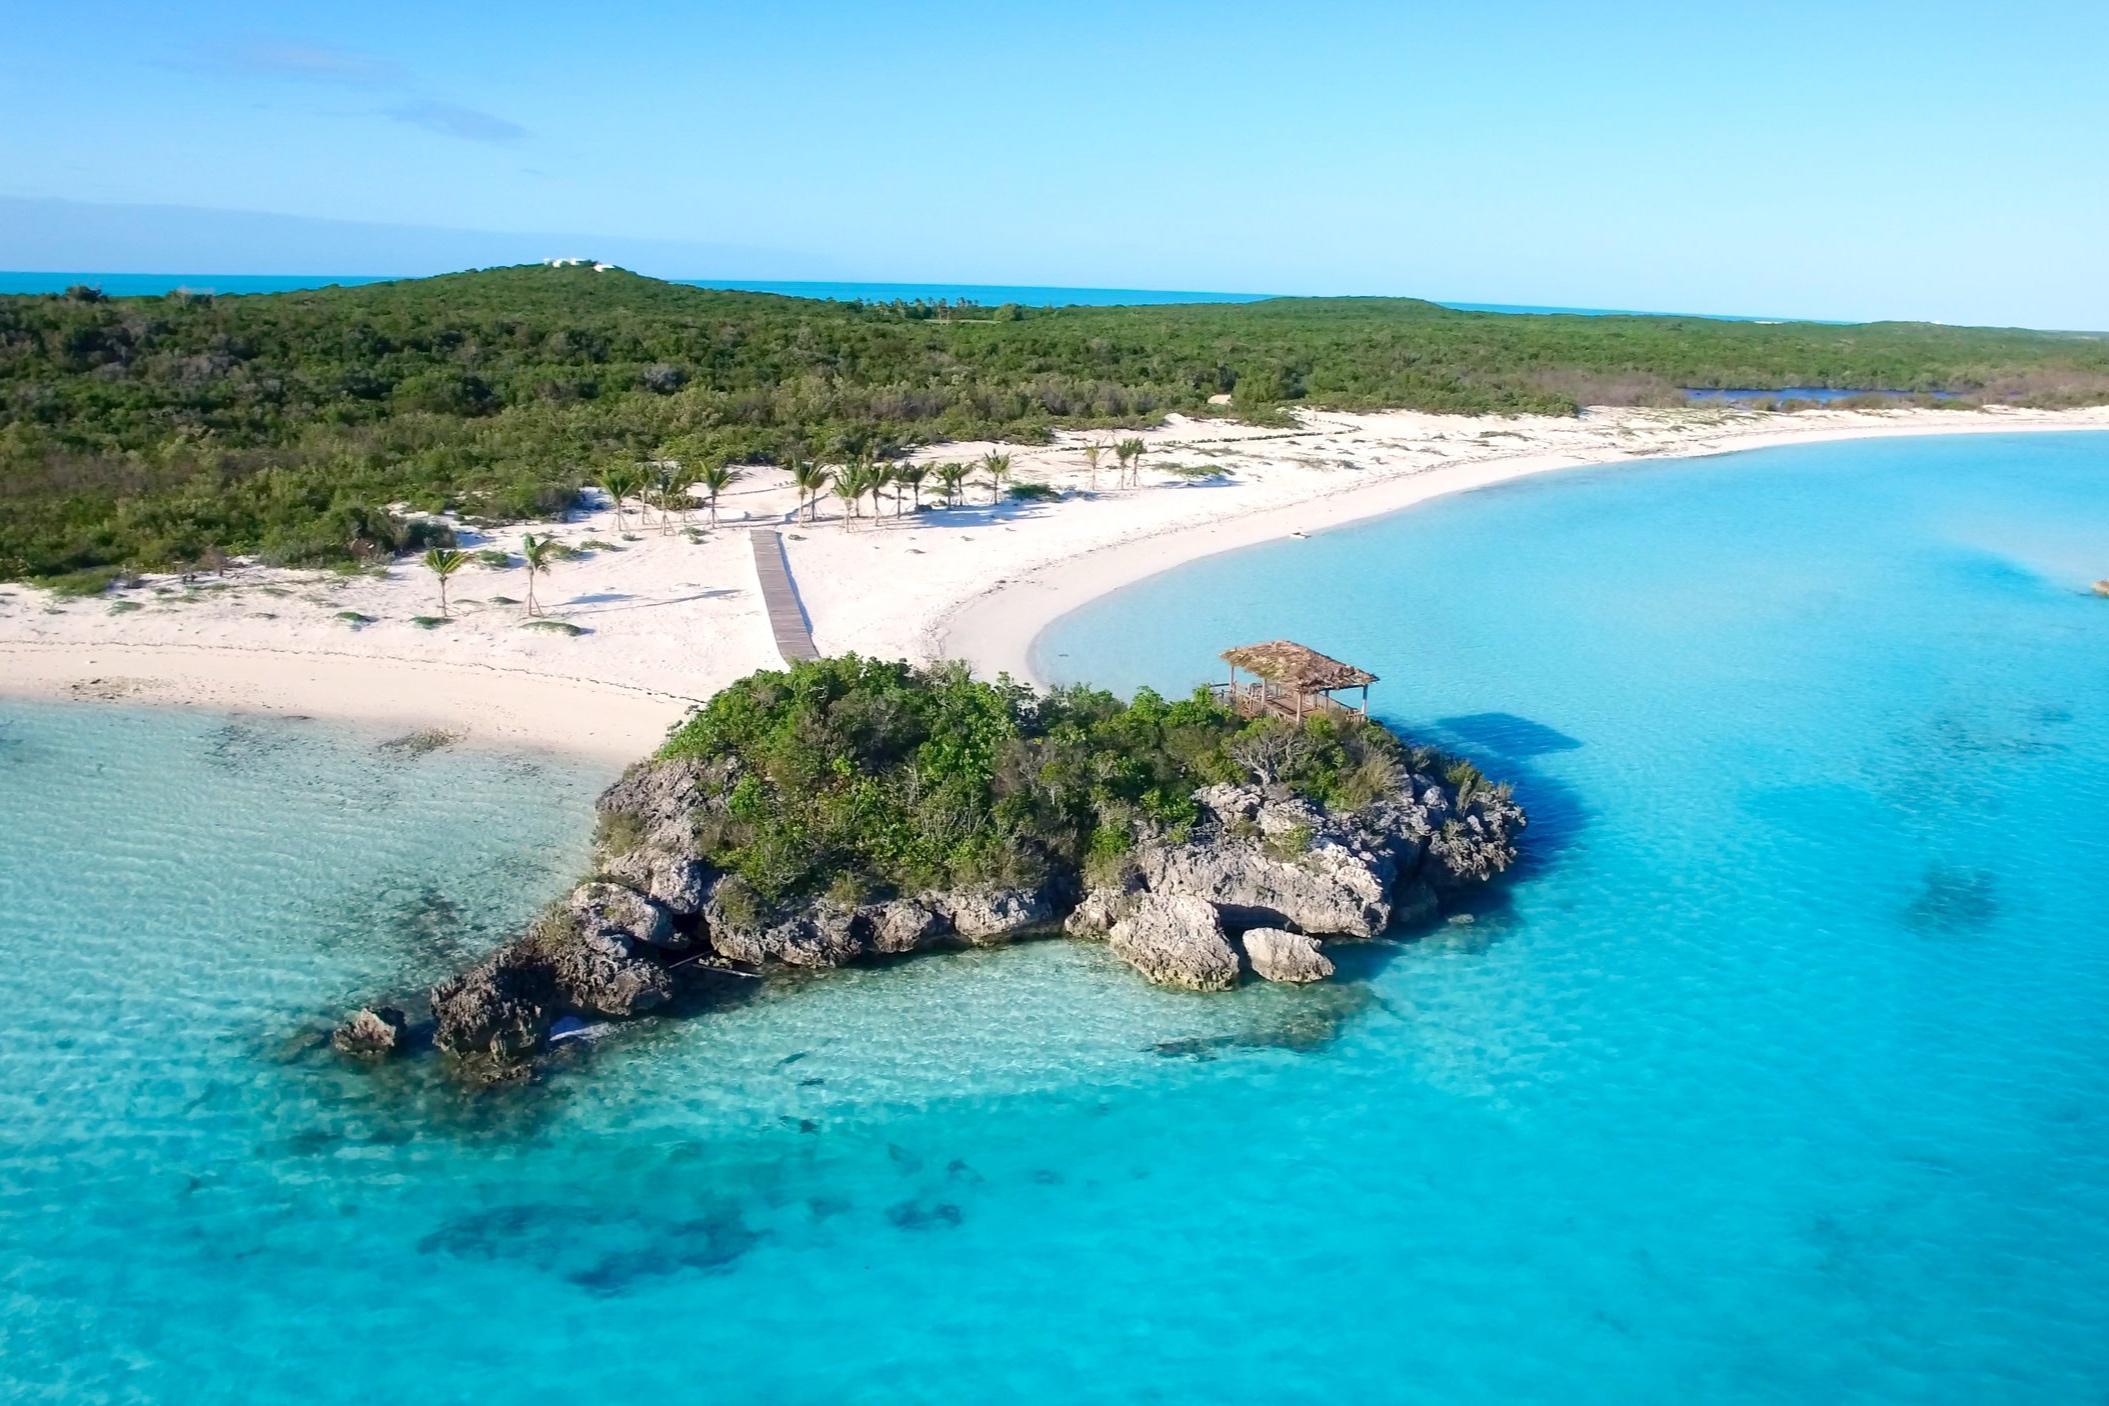 Caribbean Private Island - Exumas, Bahamas